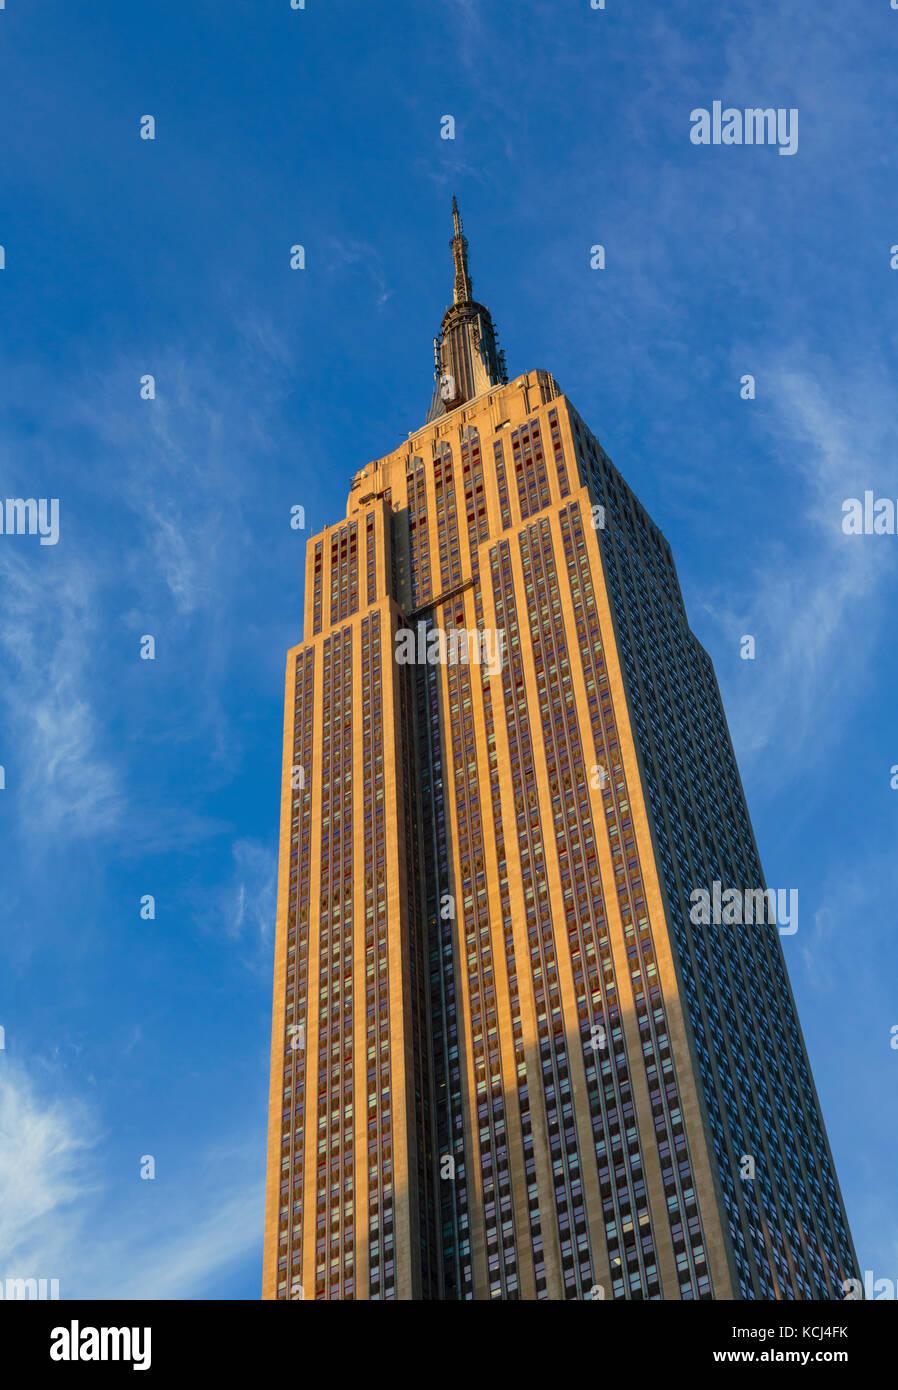 La città di new york, nello stato di new york, Stati Uniti d'America. l' Empire State building grattacielo. Immagini Stock